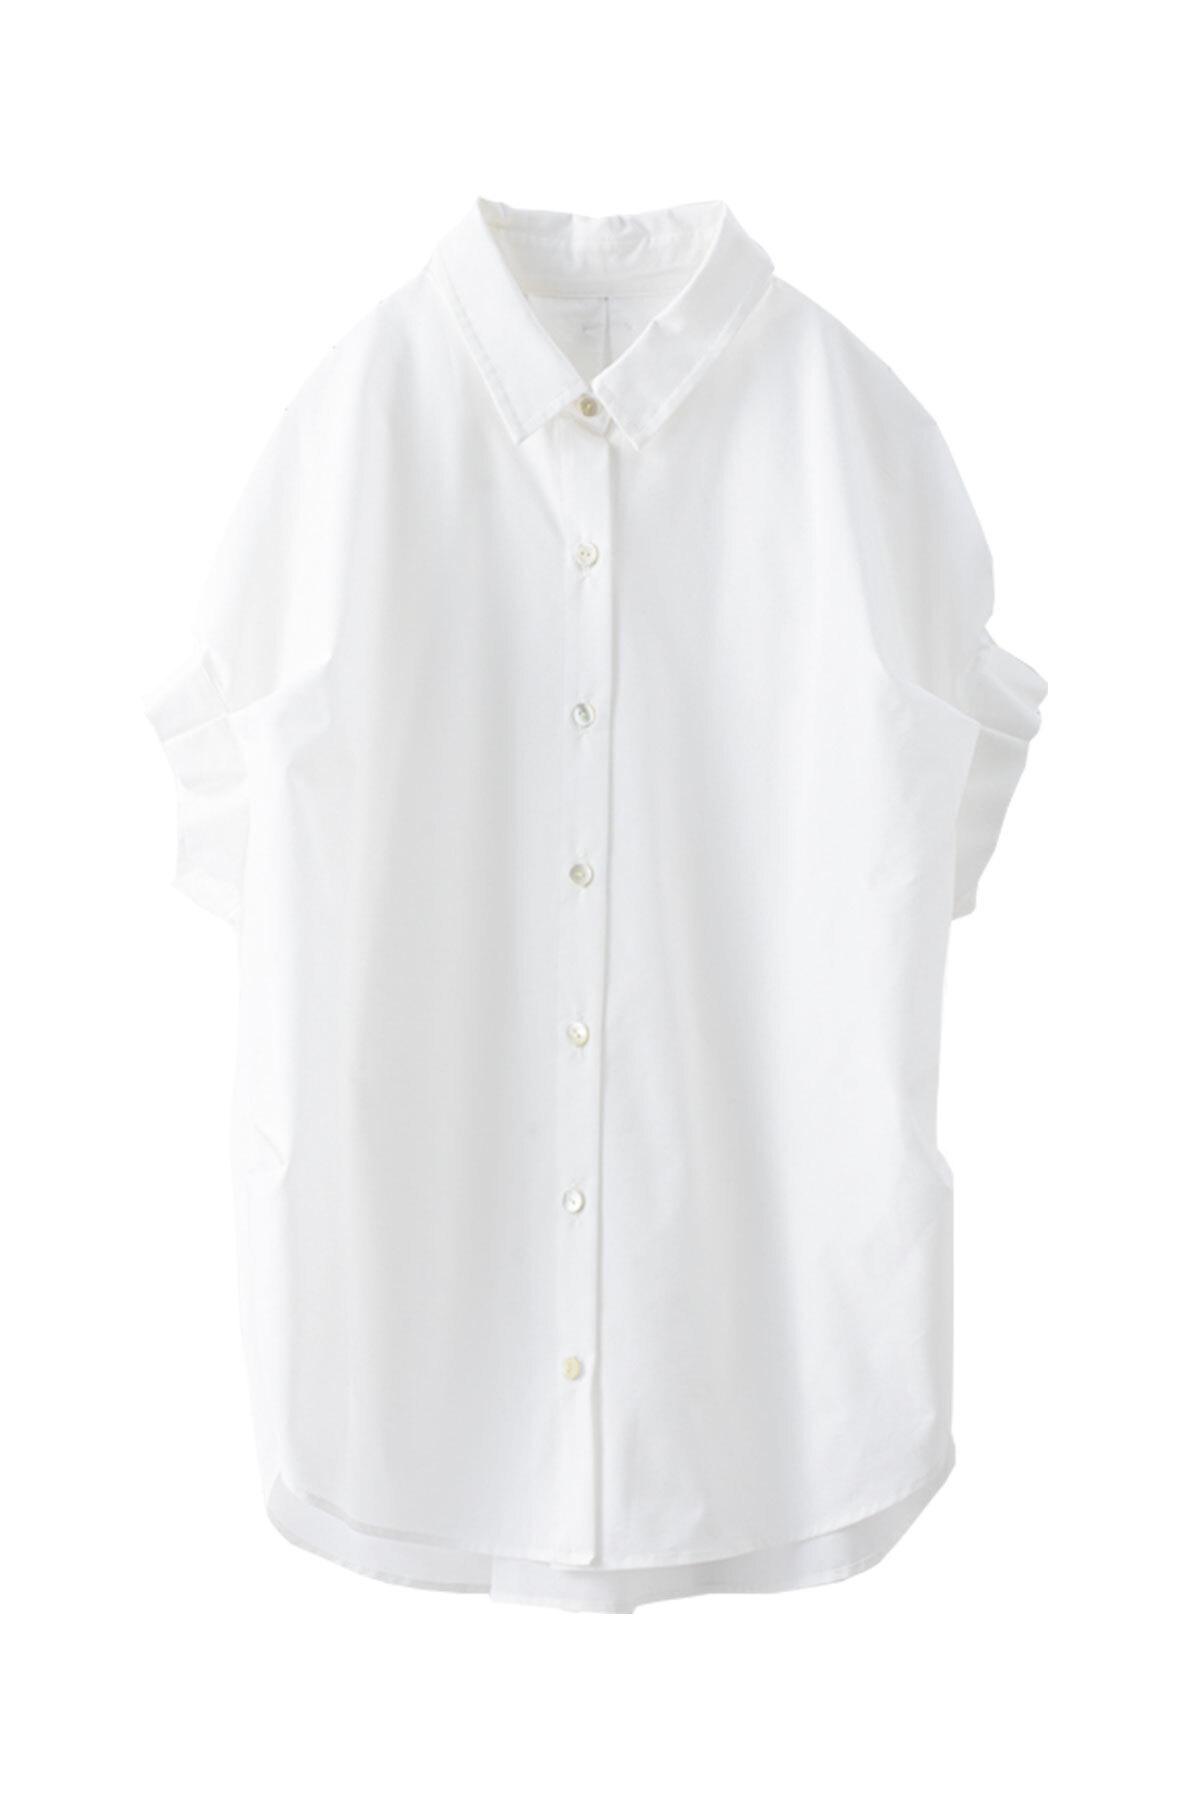 タックスリーブシャツ  <オフ>